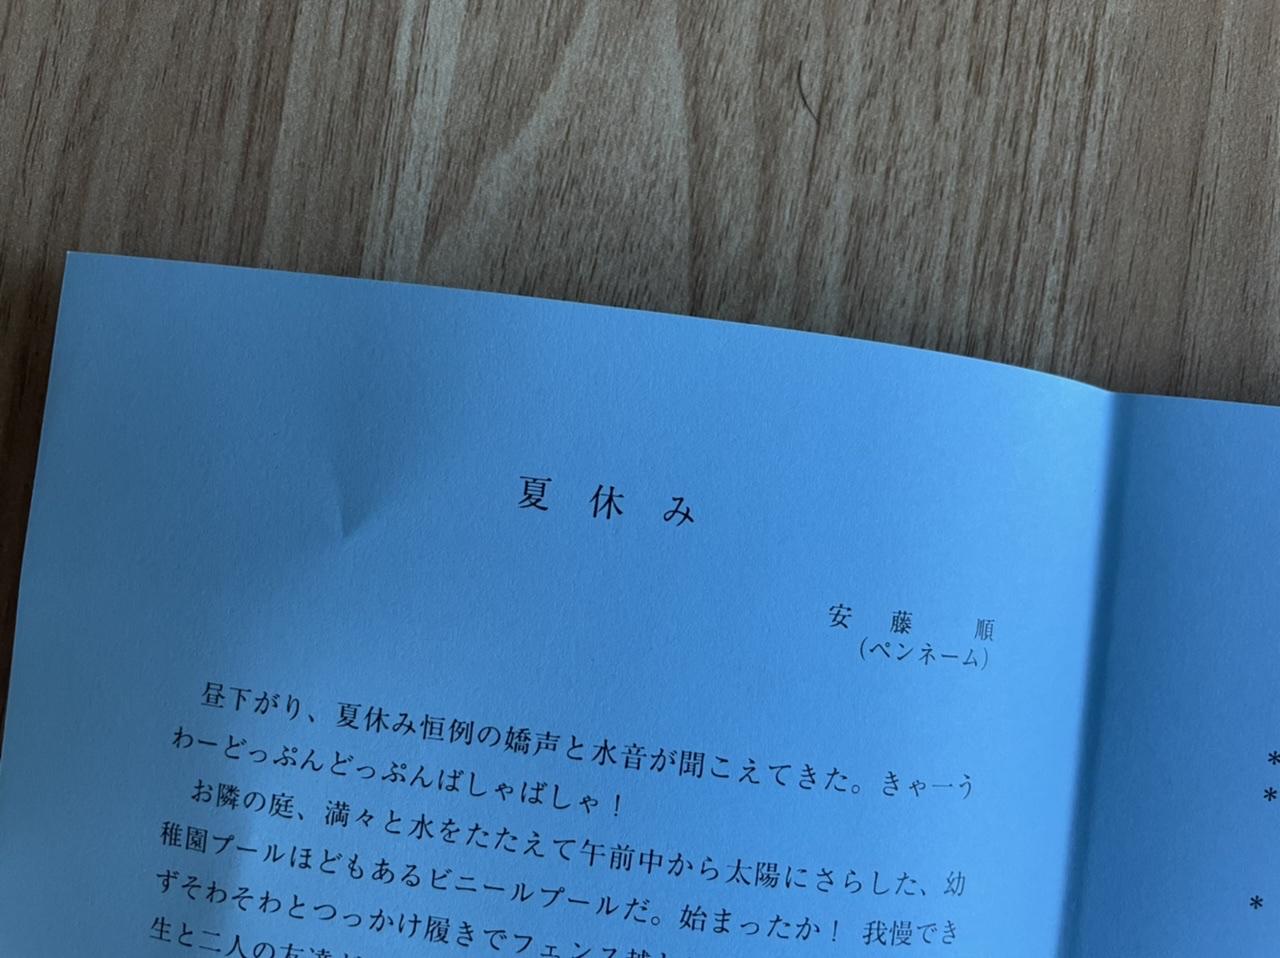 【スイーツ】夏限定!《銀座ウエスト》の「桃パイ」_5